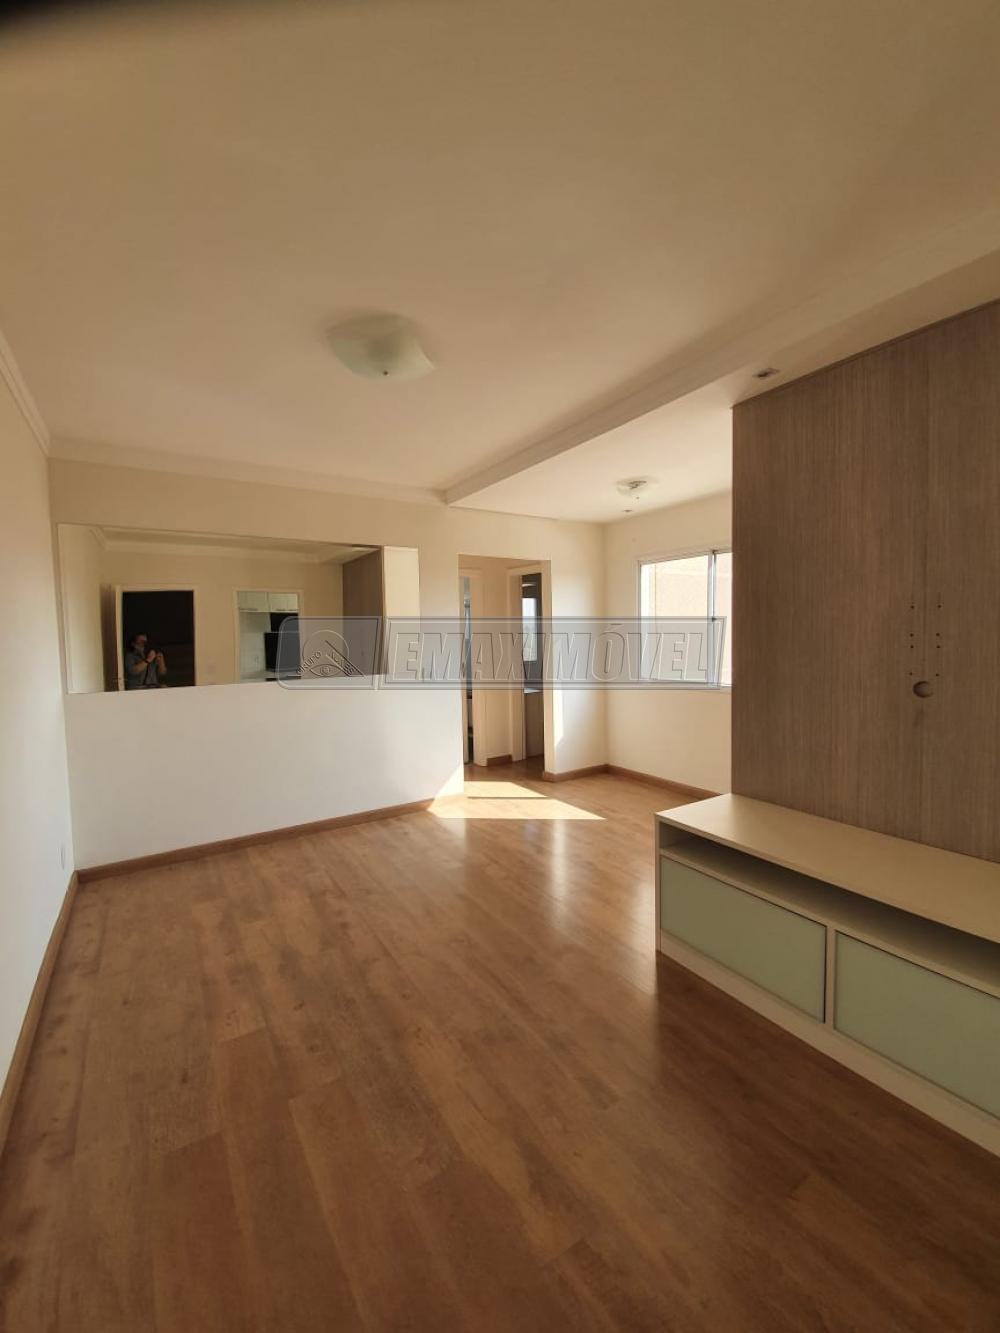 Comprar Apartamento / Padrão em Sorocaba R$ 162.000,00 - Foto 2